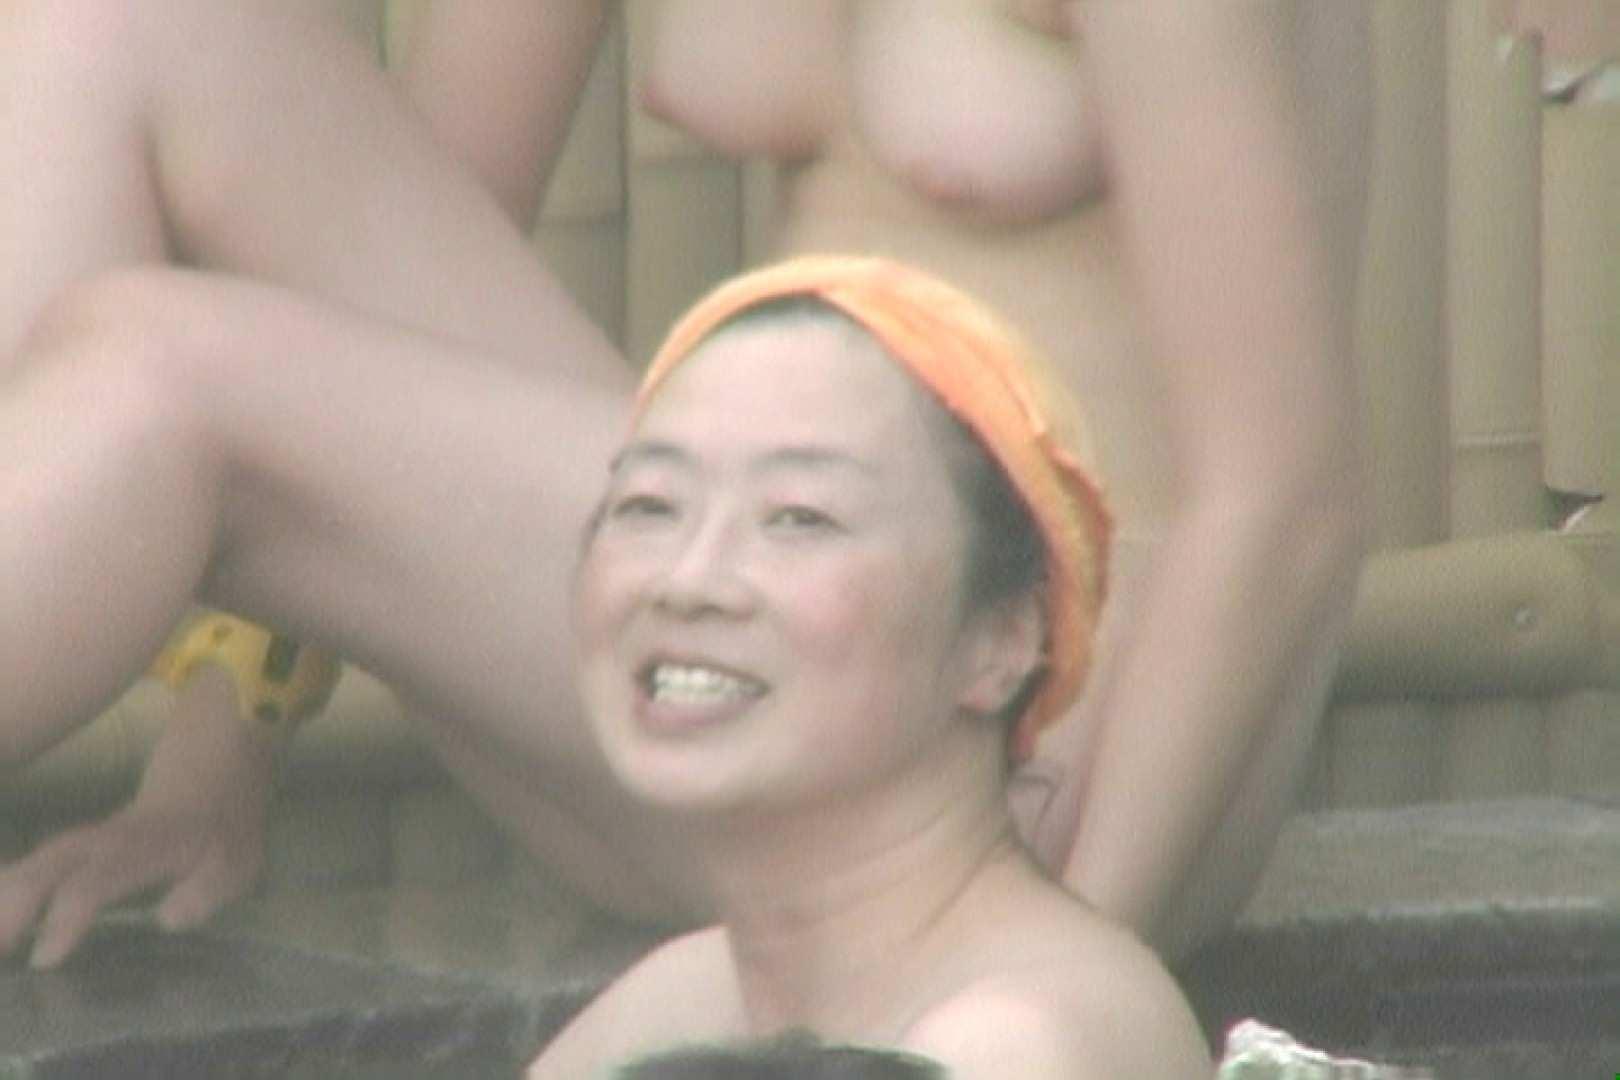 Aquaな露天風呂Vol.625 盗撮 | 露天  57pic 8